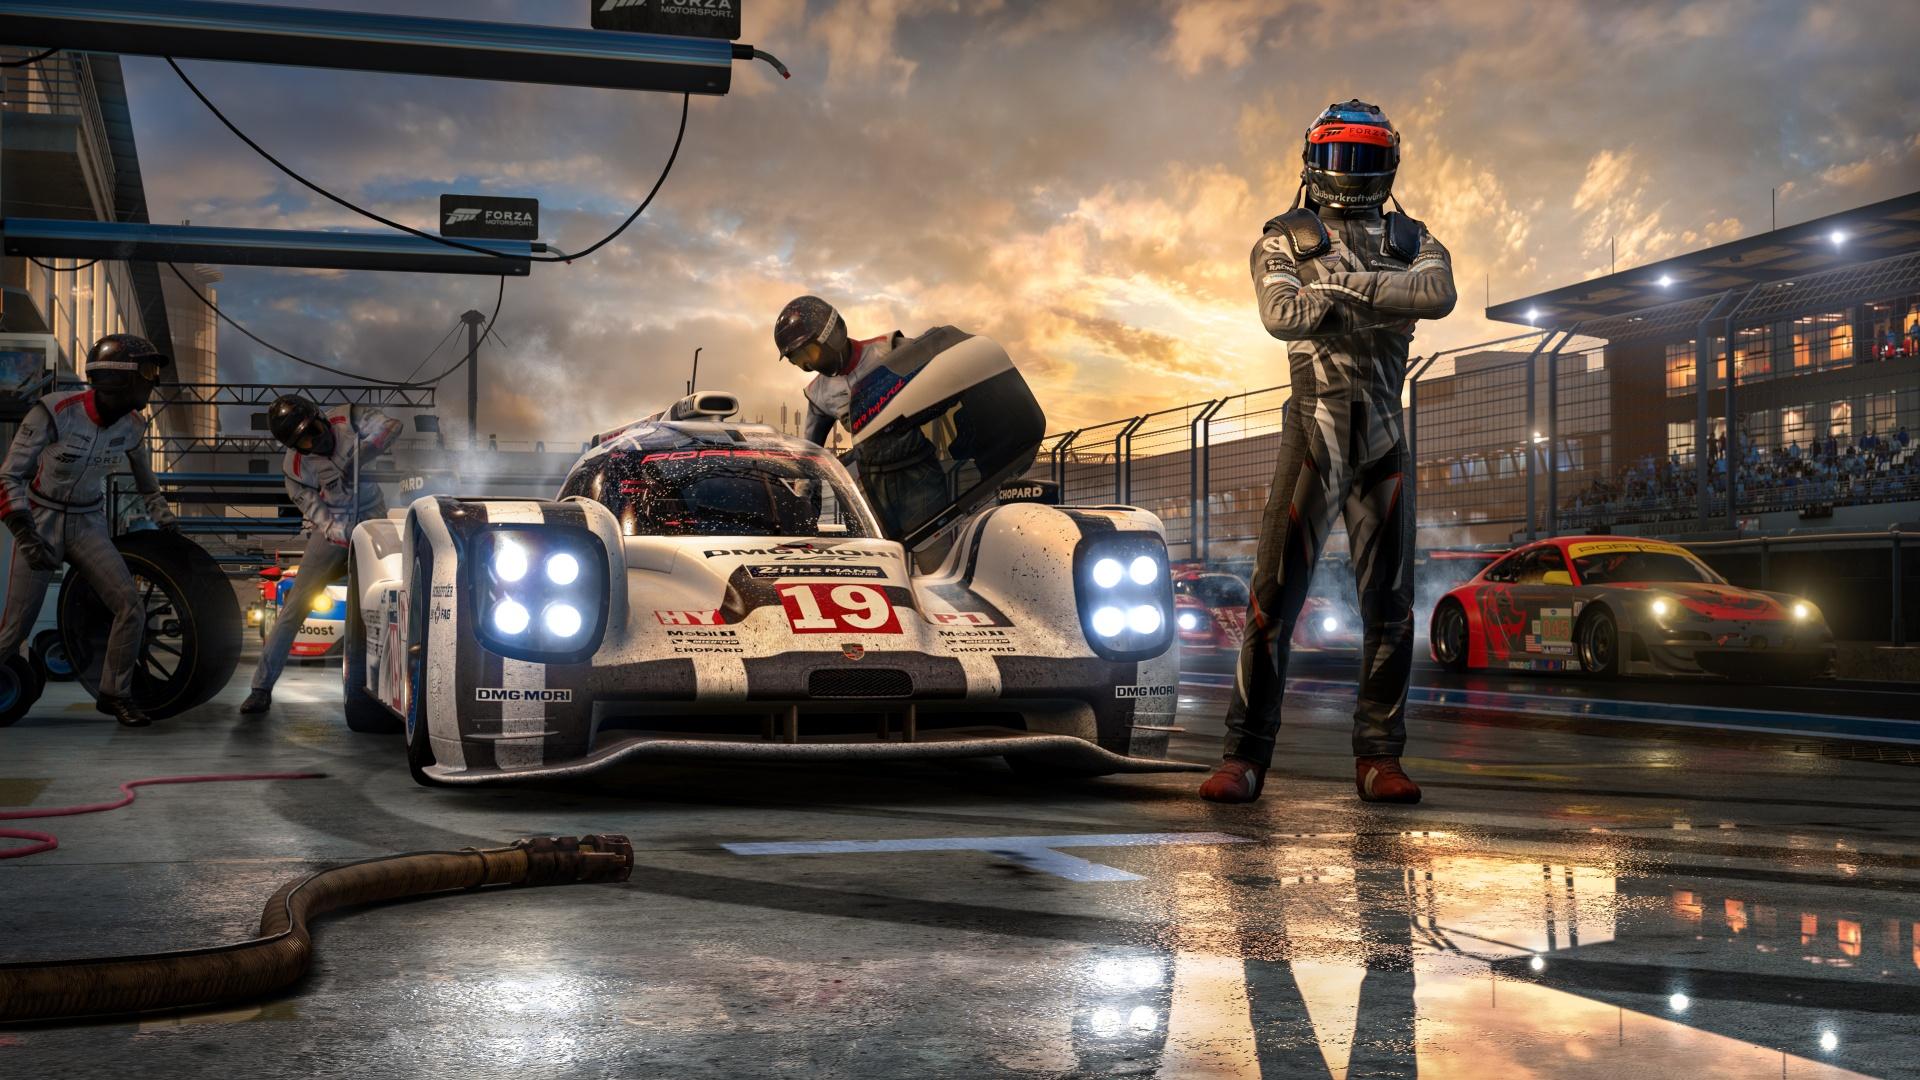 Первые детали Forza Motorsport8, которую анонсируют в 2020 году